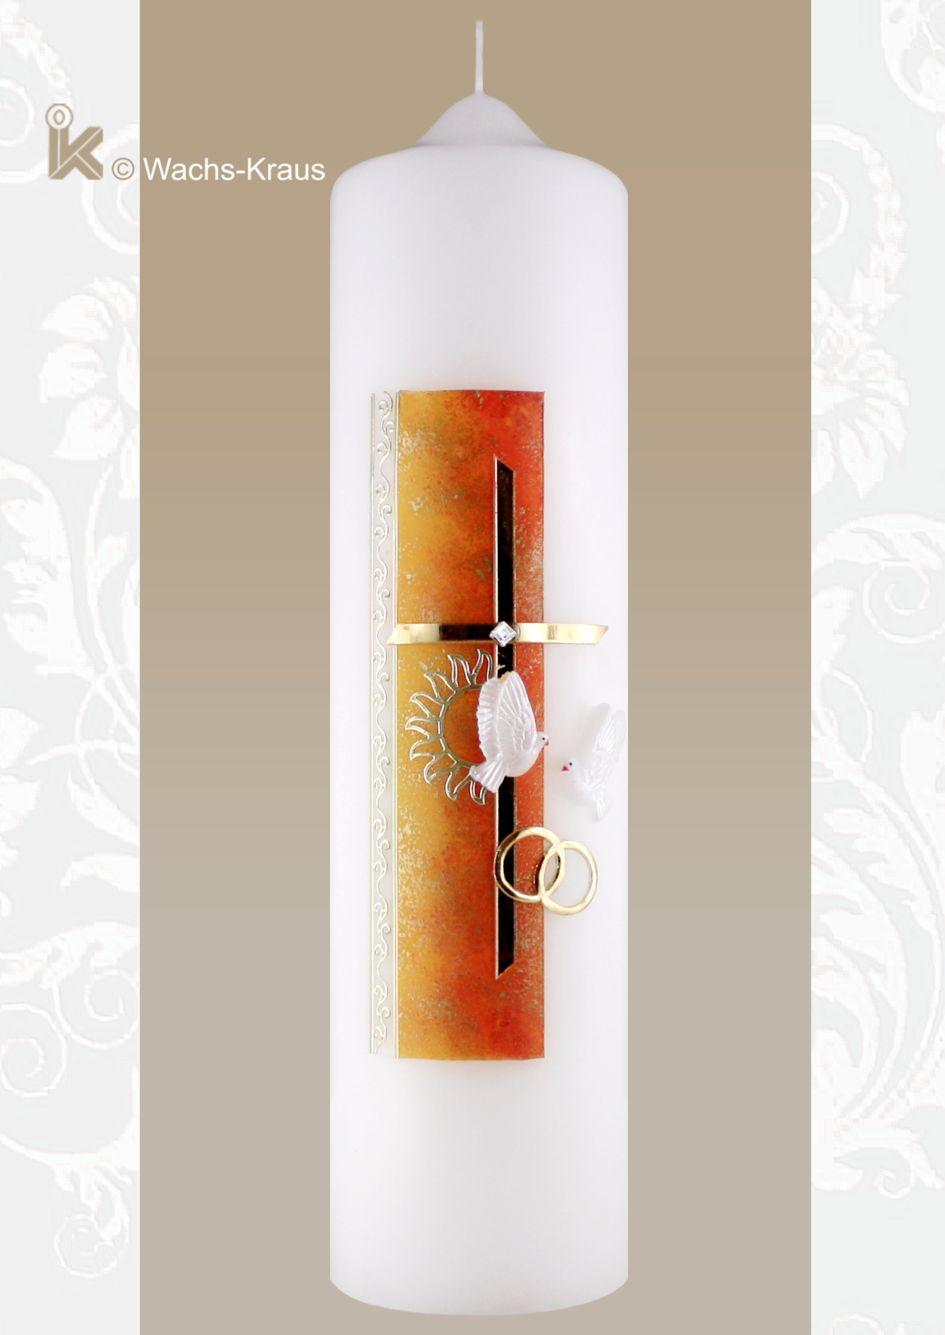 Moderne Hochzeitskerze, Sonne orange strahlt soviel positives aus, die reine Lust auf die Zukunft, die man nun zusammen mit dem Partner erleben will.